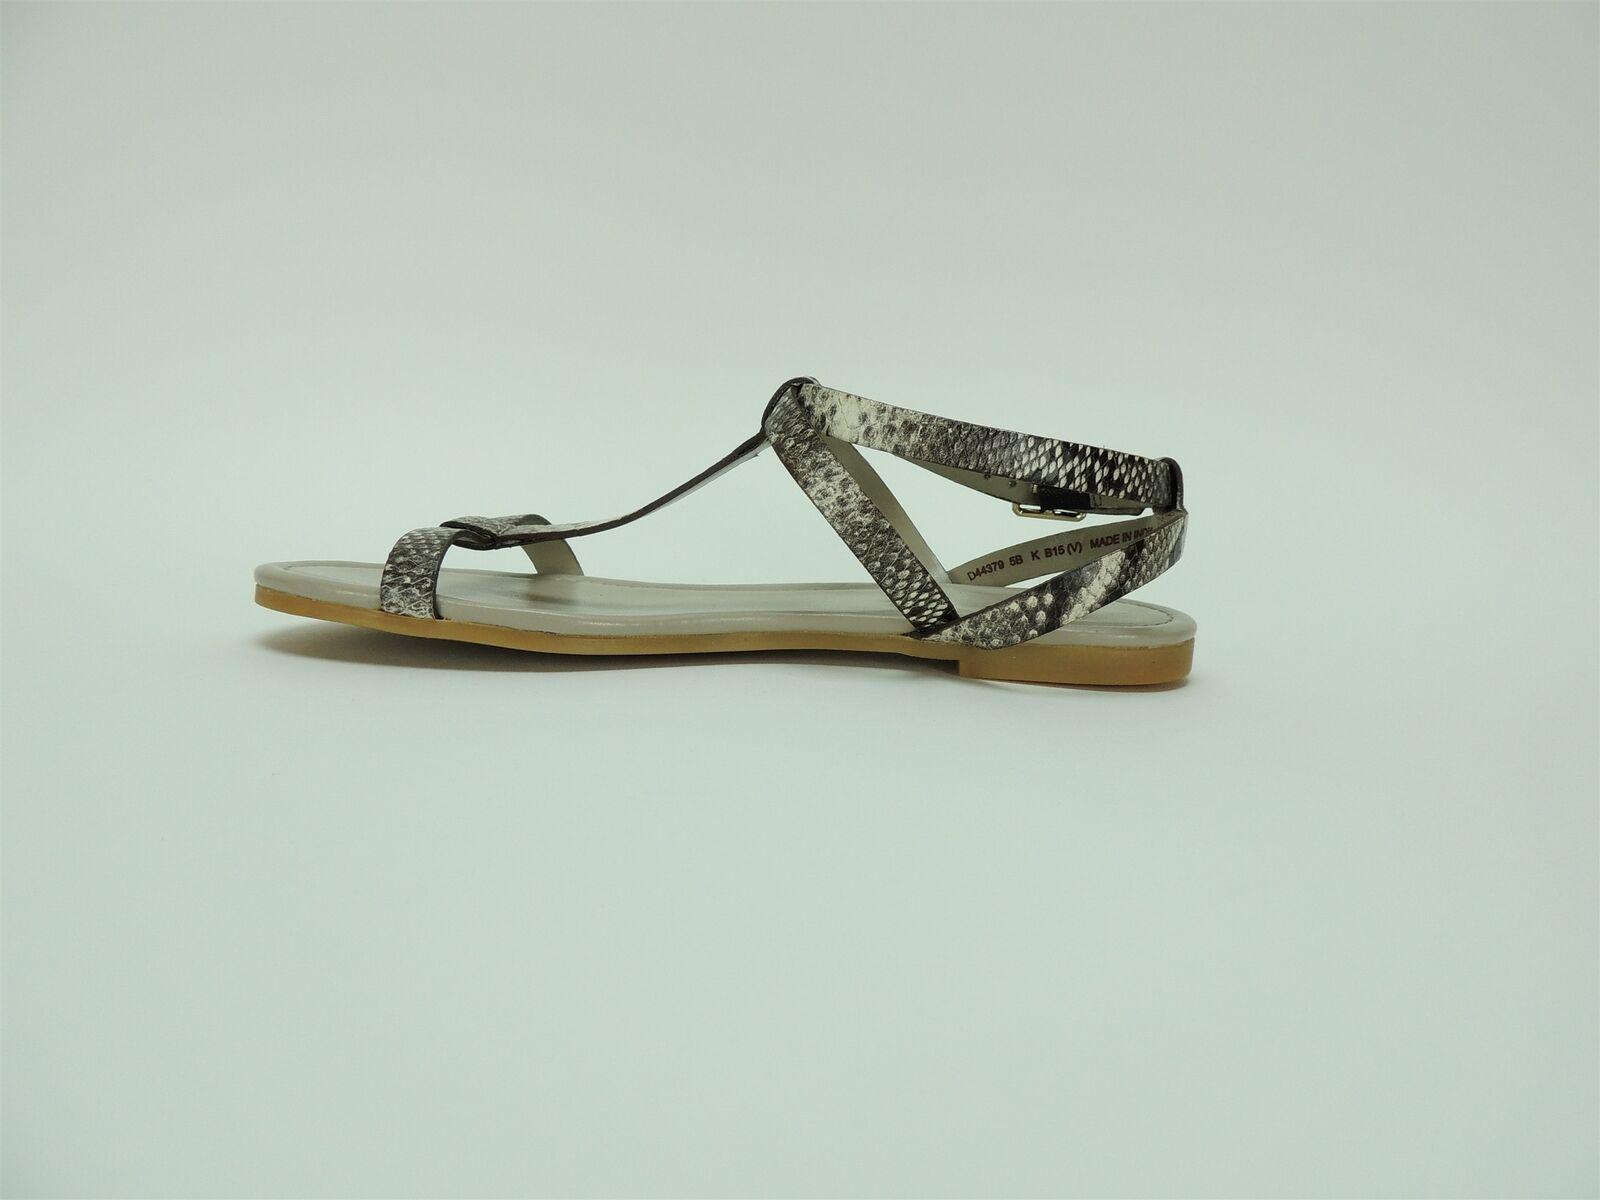 Cole Haan Donna  Roccia Roccia Roccia Murley II Flat Sandals Snake Print Leather Dimensione 5 B 39de6f